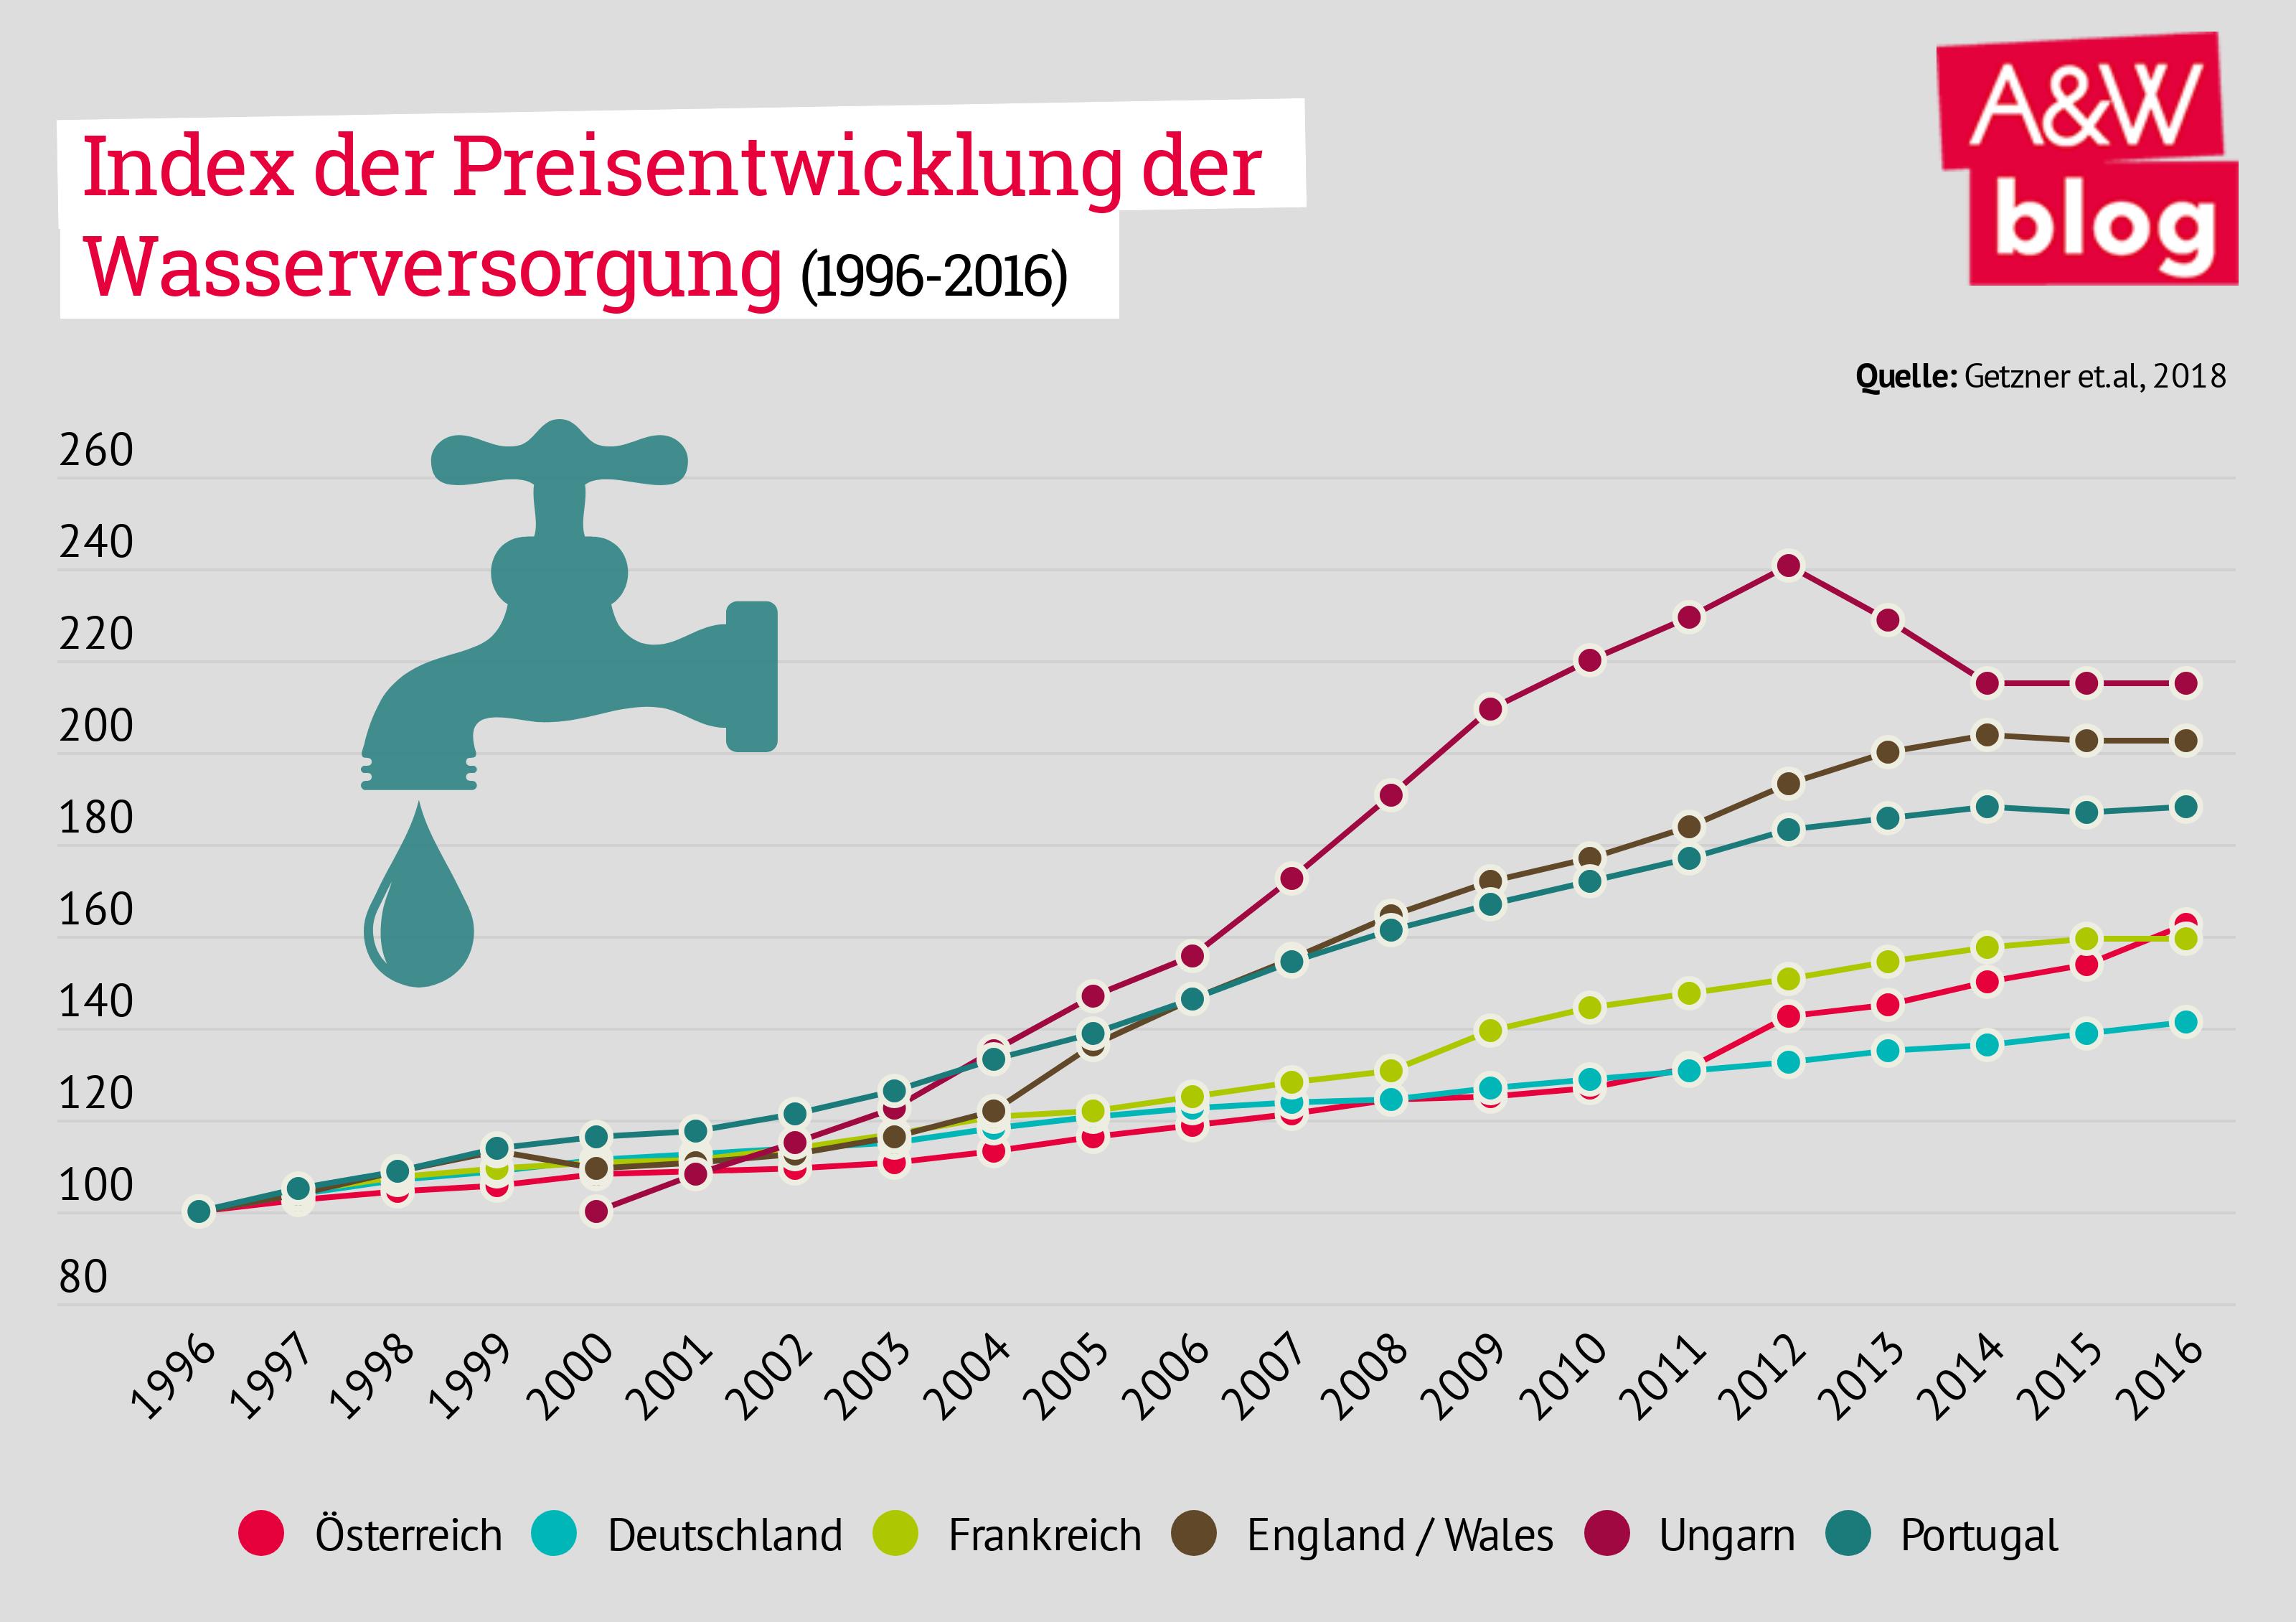 Preisentwicklung der Wasserversorgung